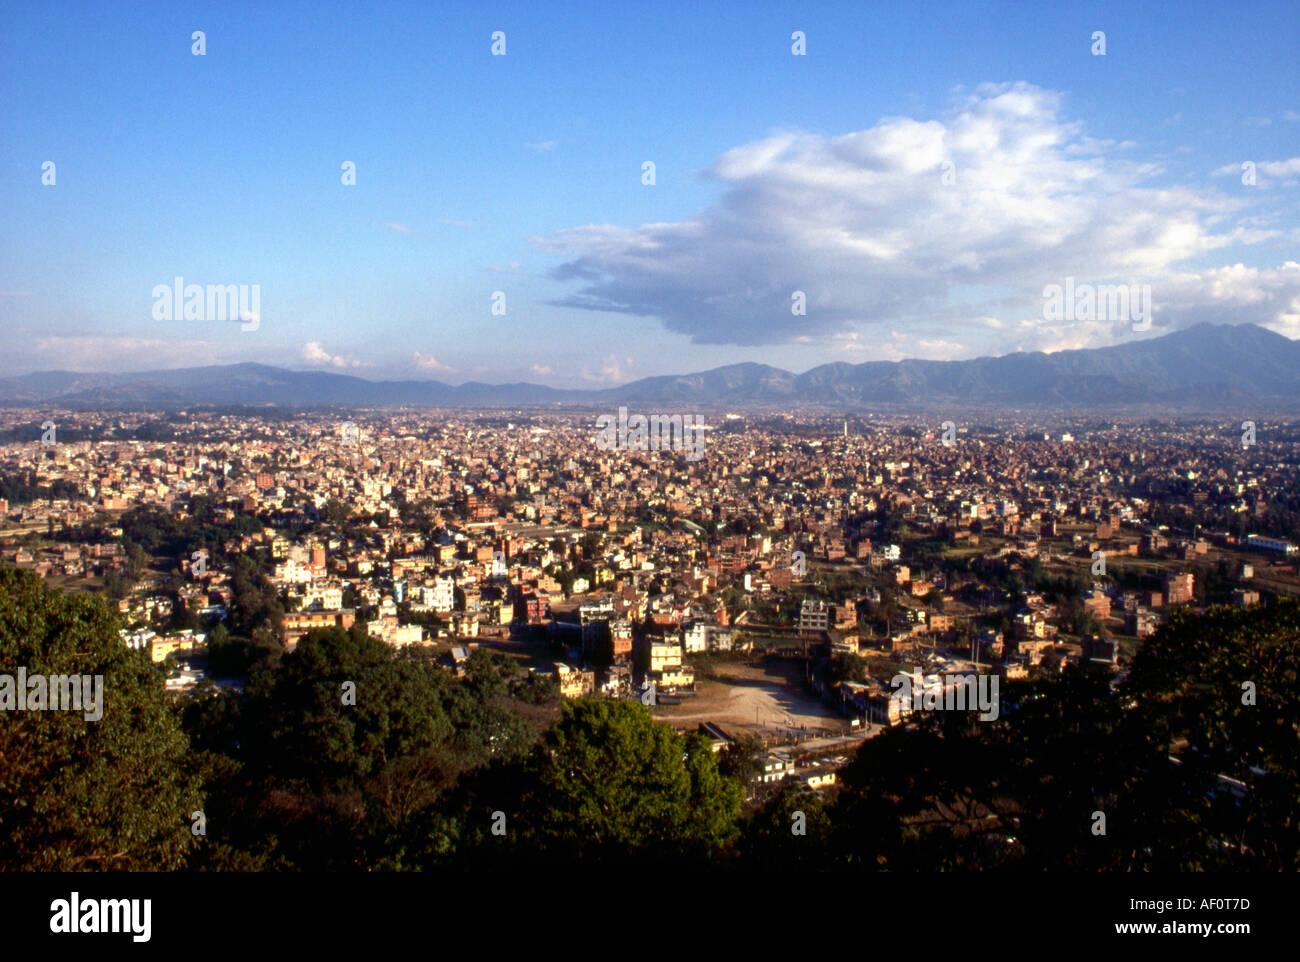 Katmandu vally Nepal - Stock Image